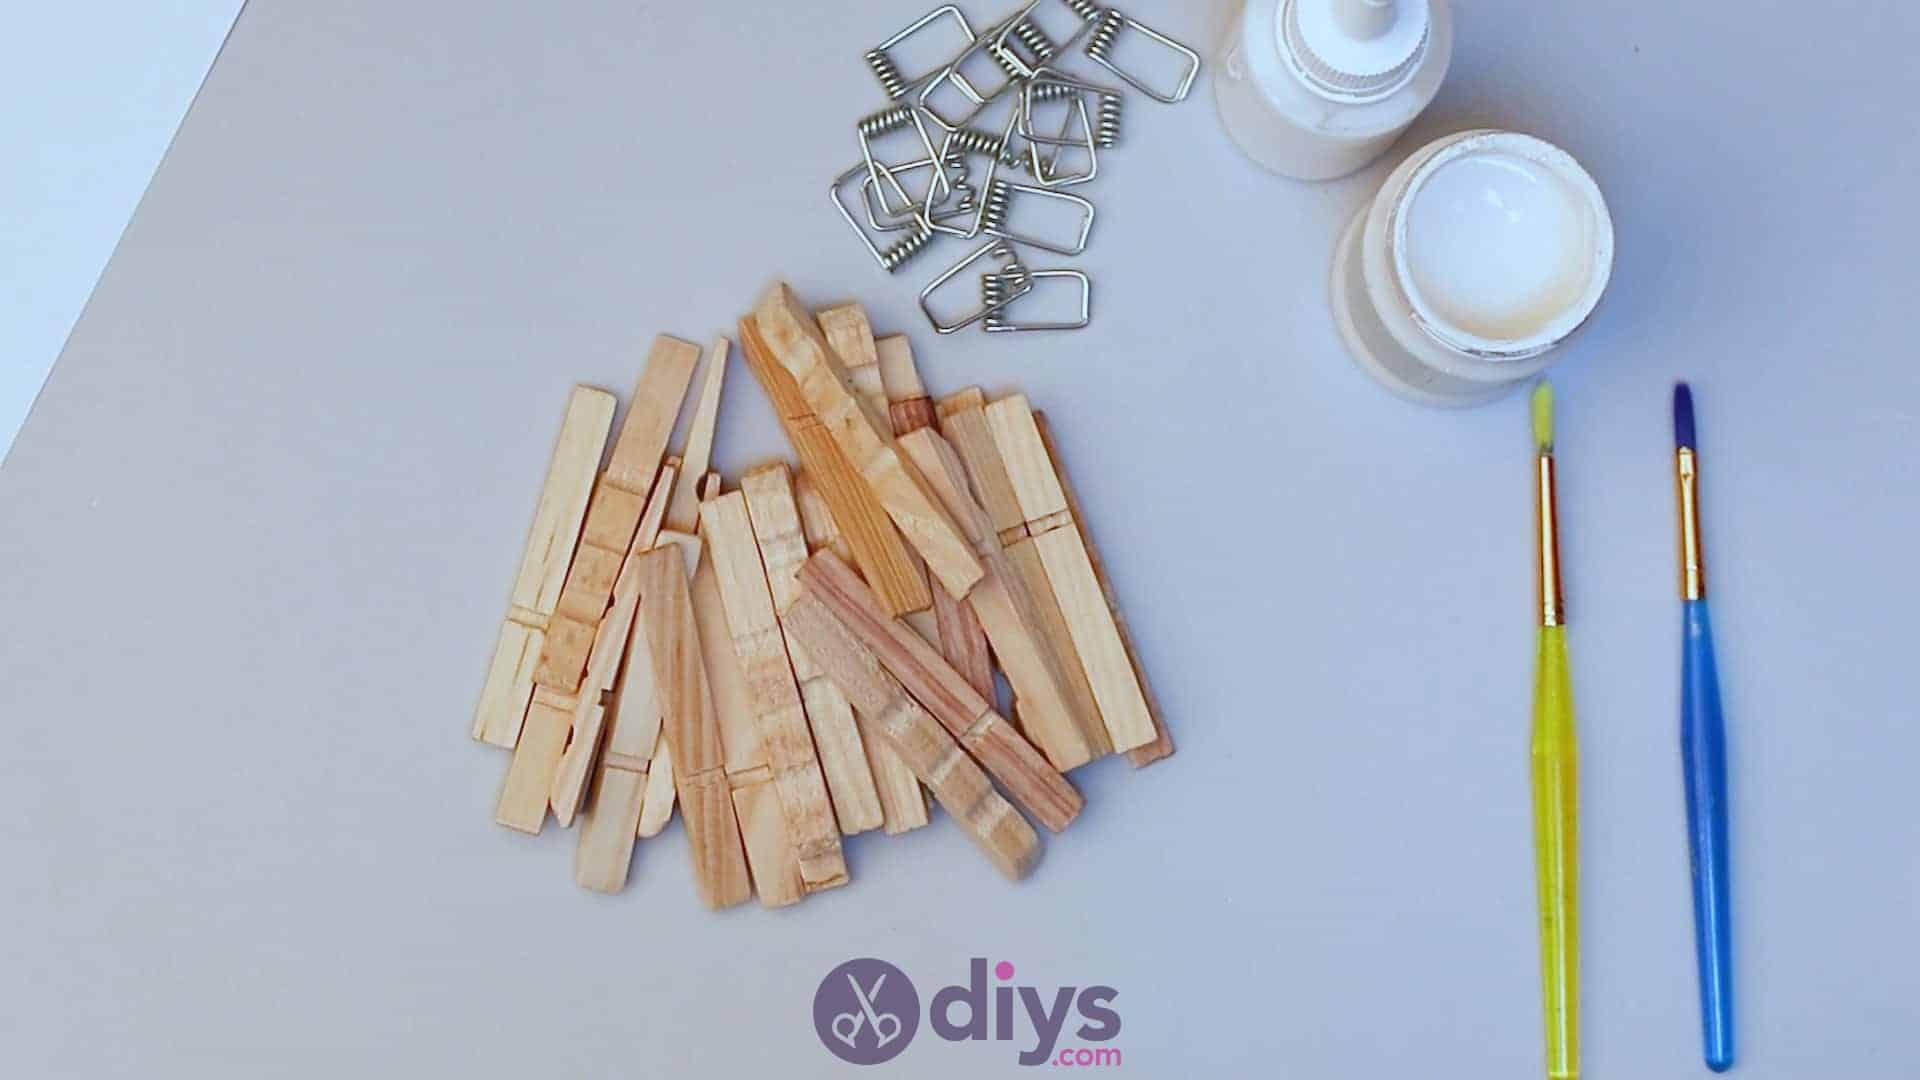 Diy clothespin napkin holder step 2e